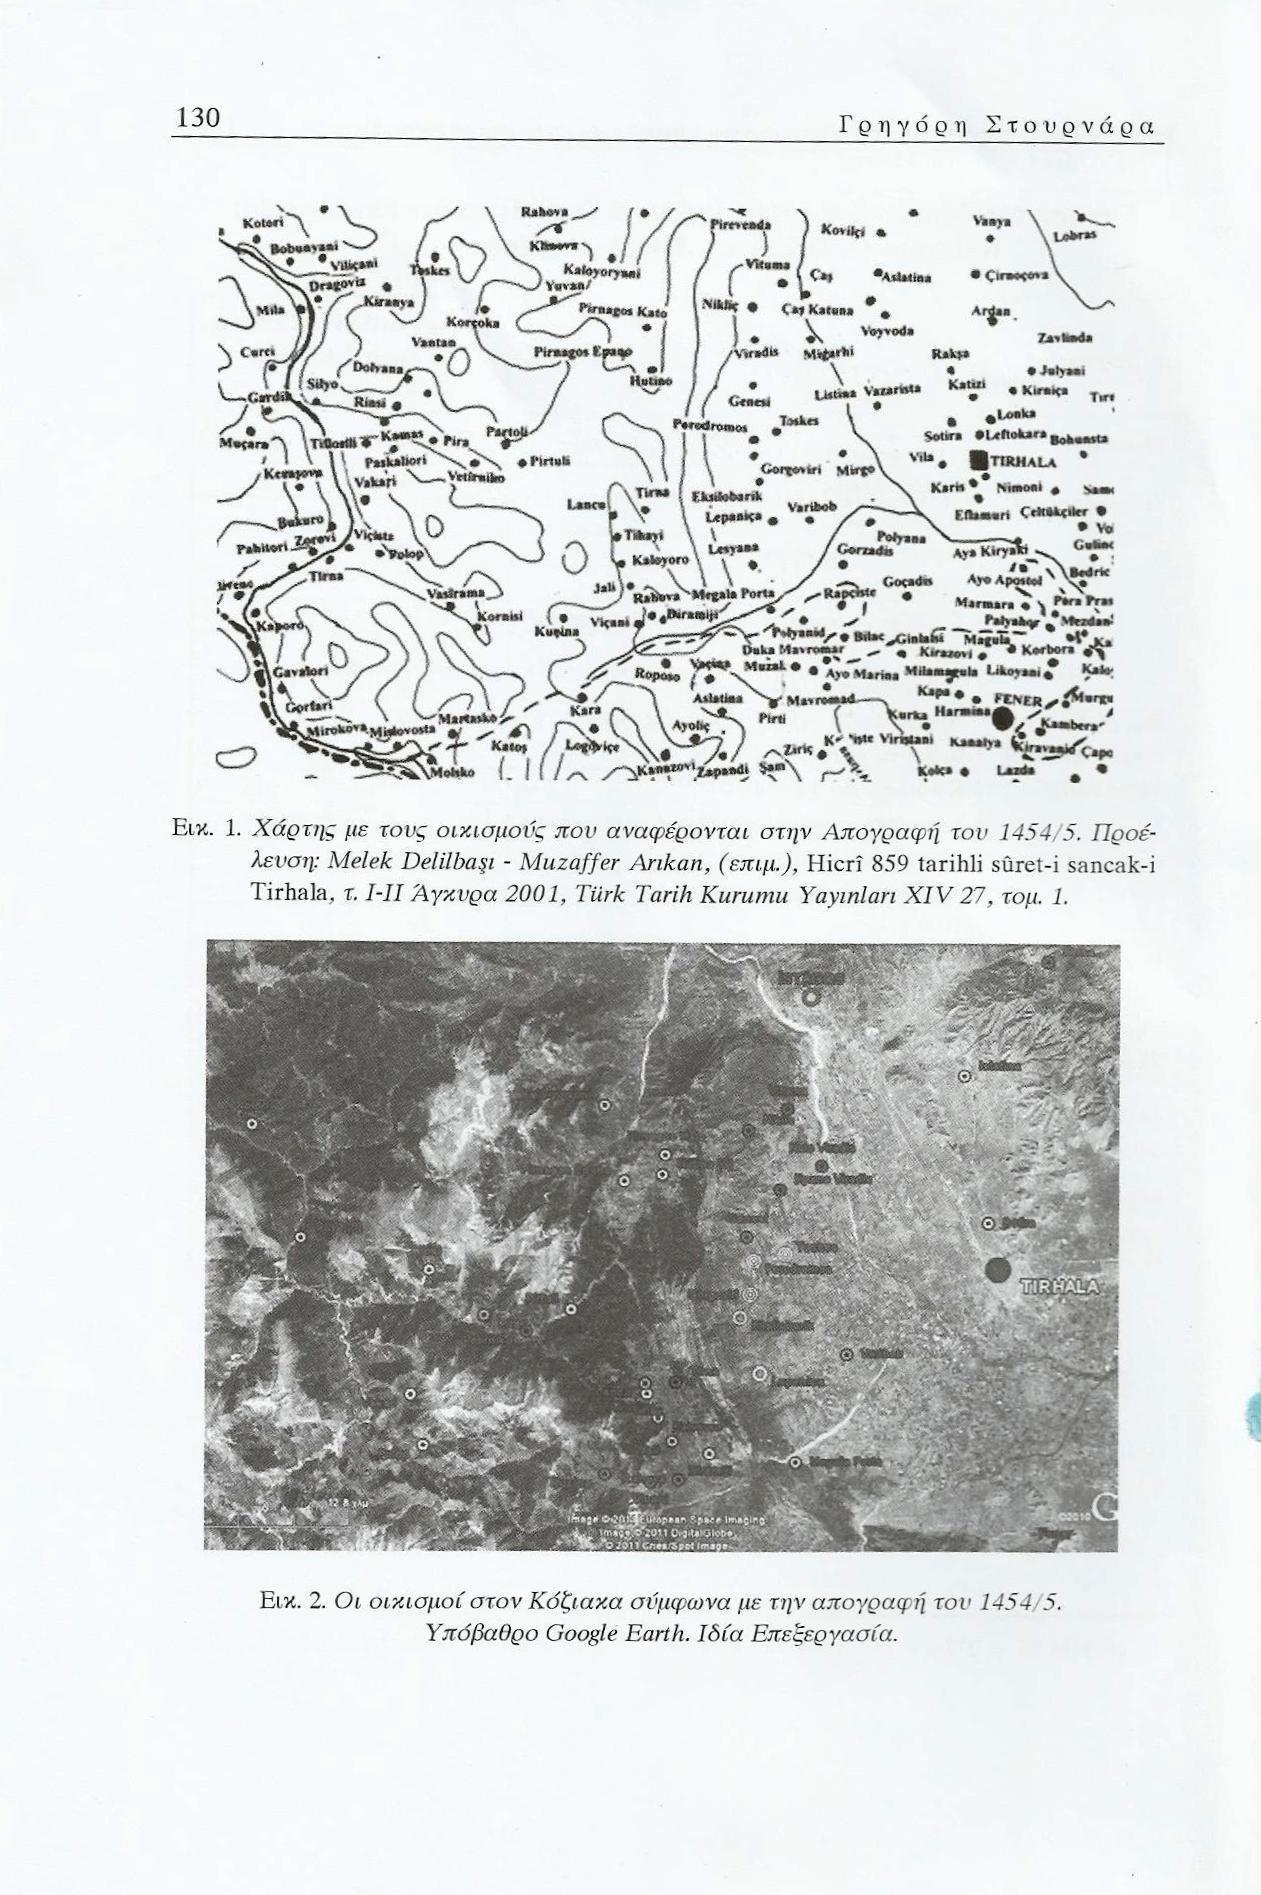 Χαρτης τιμαριων